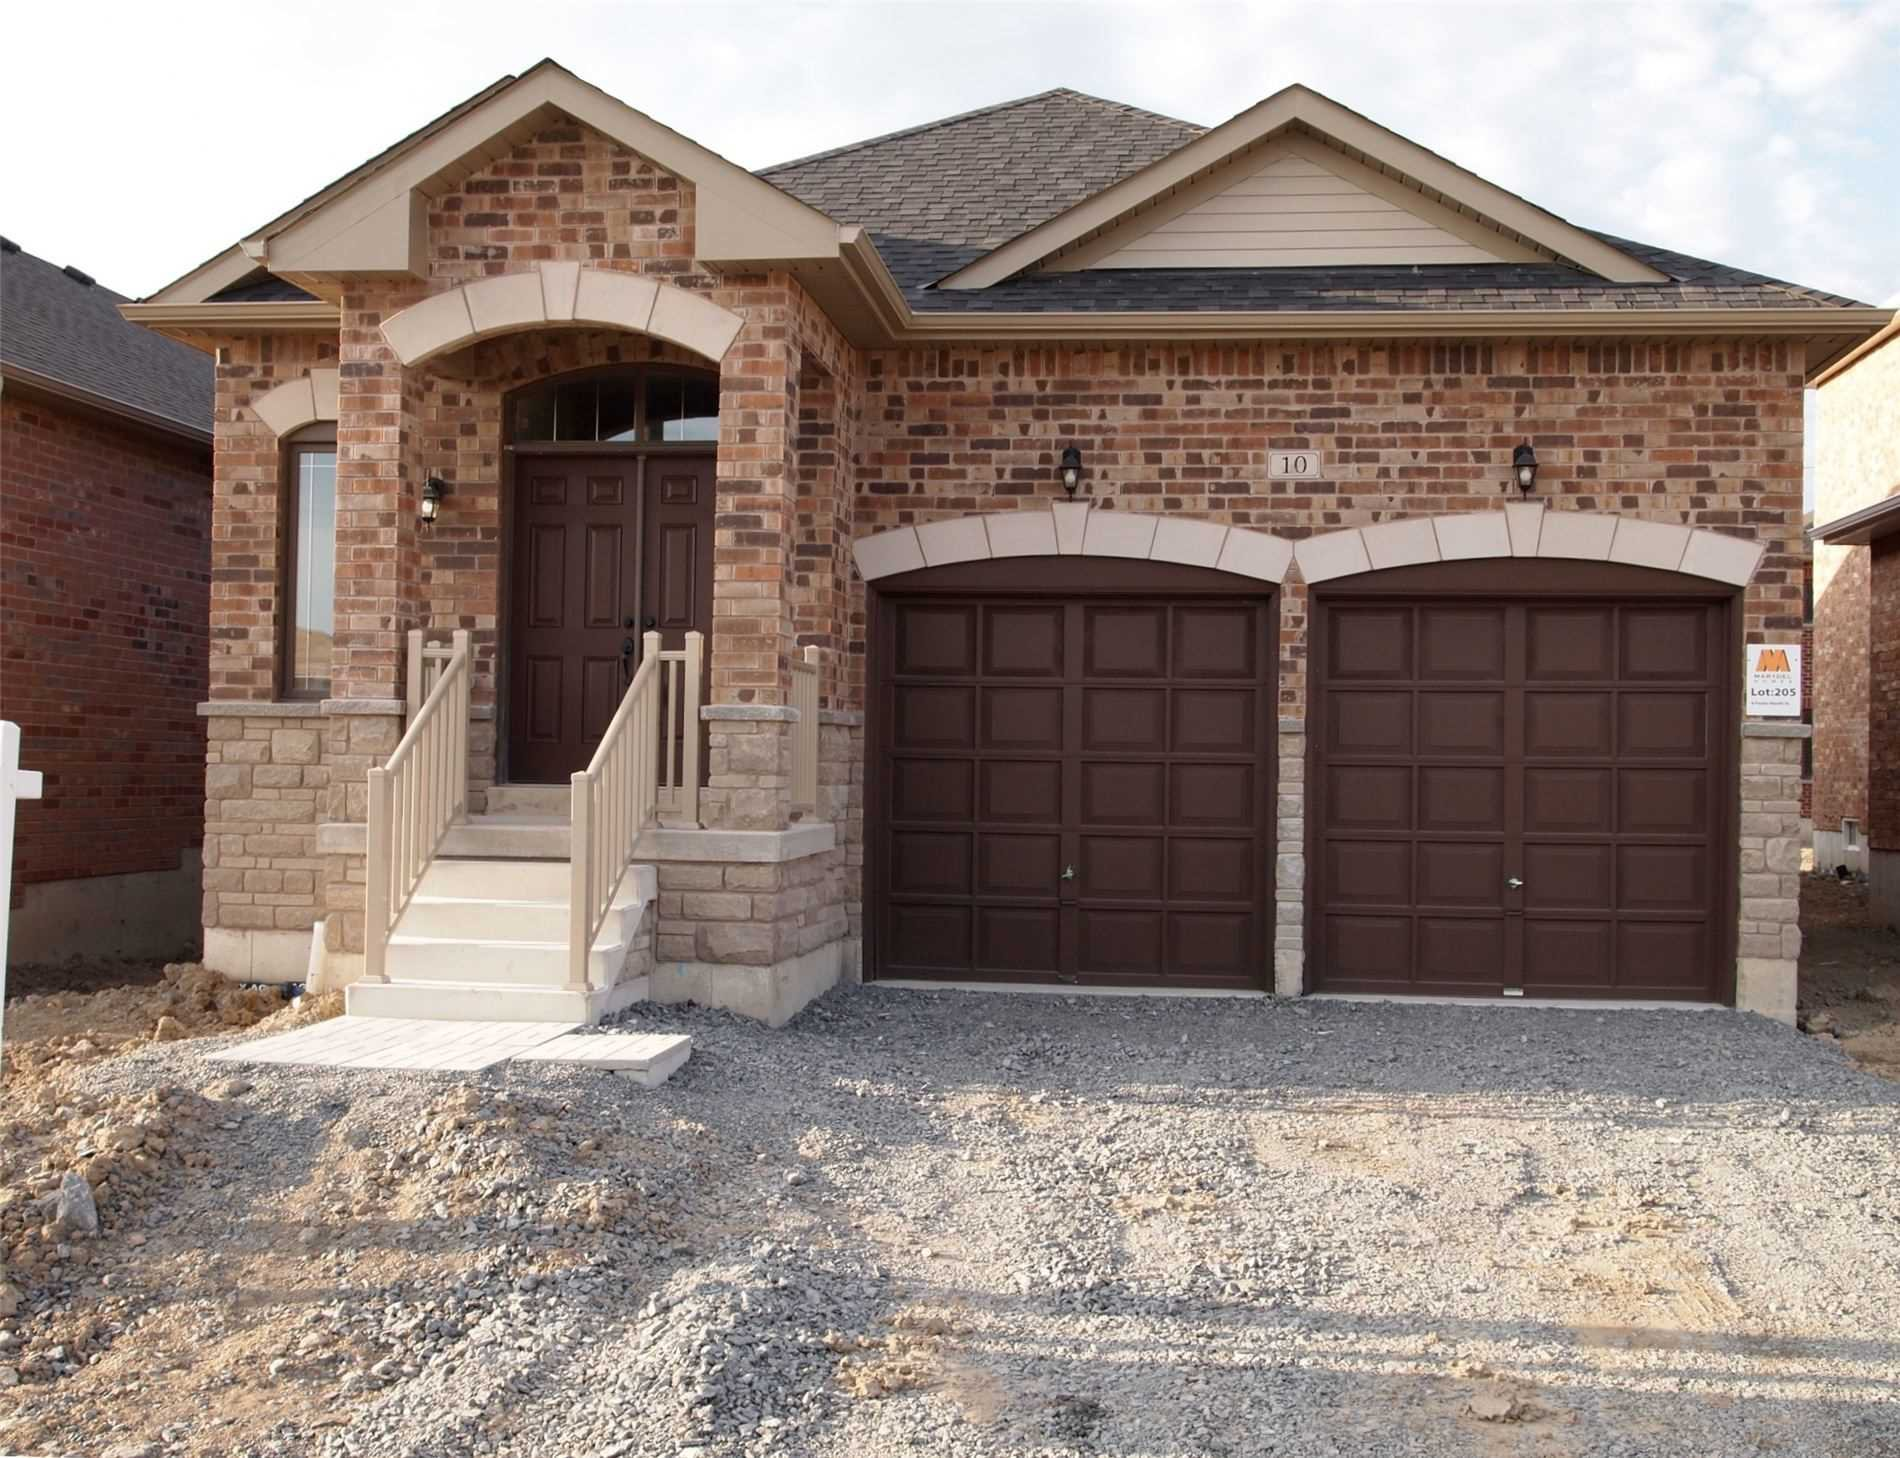 Main Photo: 10 Foster Hewitt Street in Brock: Beaverton House (Bungalow-Raised) for sale : MLS®# N4535936